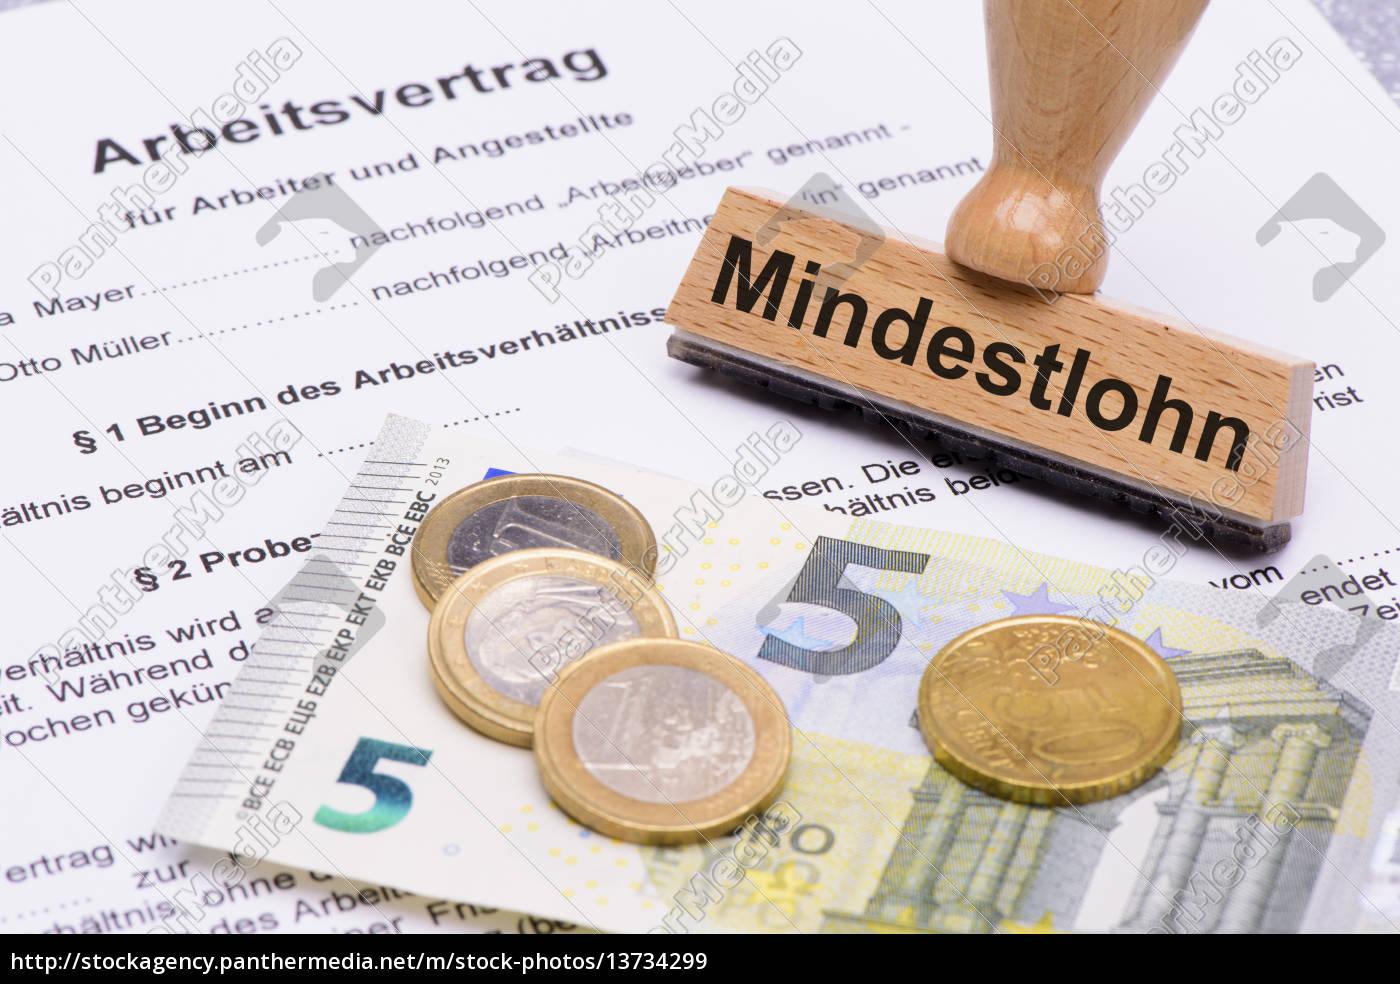 Mindestlohn 8,50 Euro und Arbeitsvertrag - Lizenzfreies Bild ...